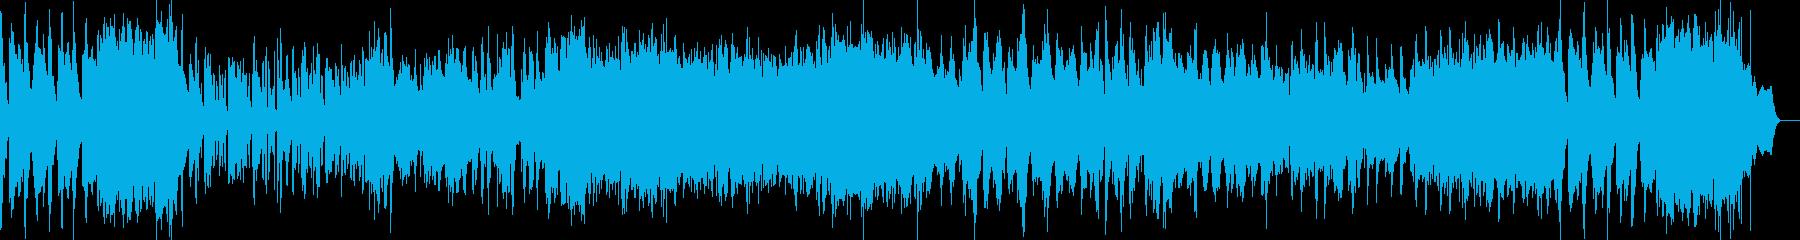 タンゴ調のバンドネオン、ピアノ協奏曲の再生済みの波形